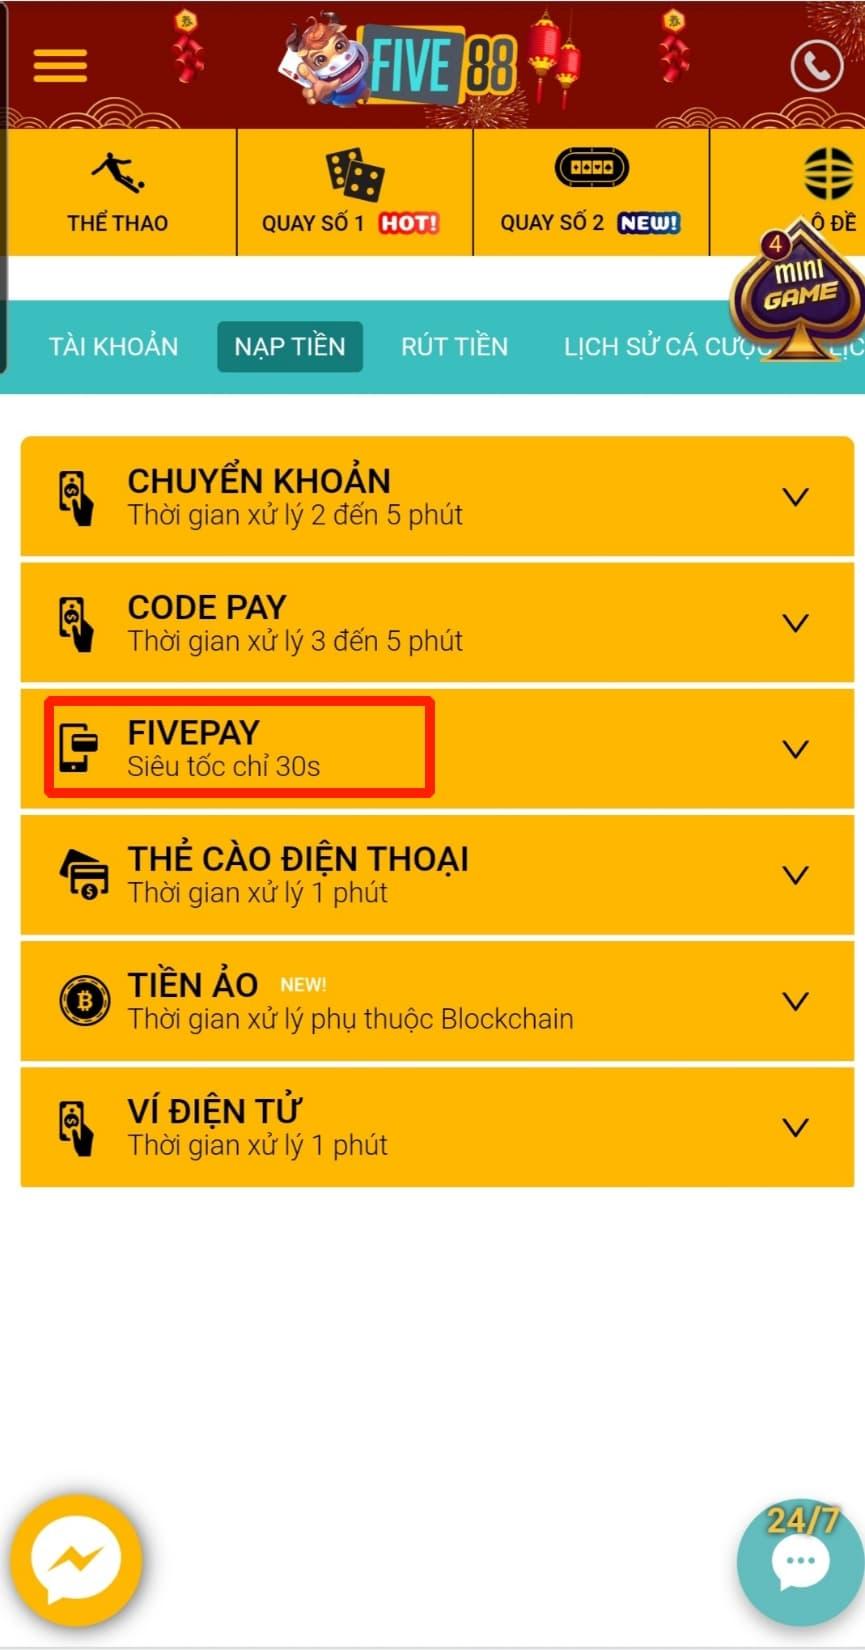 Five88 - Bấm chọn FIVE PAY